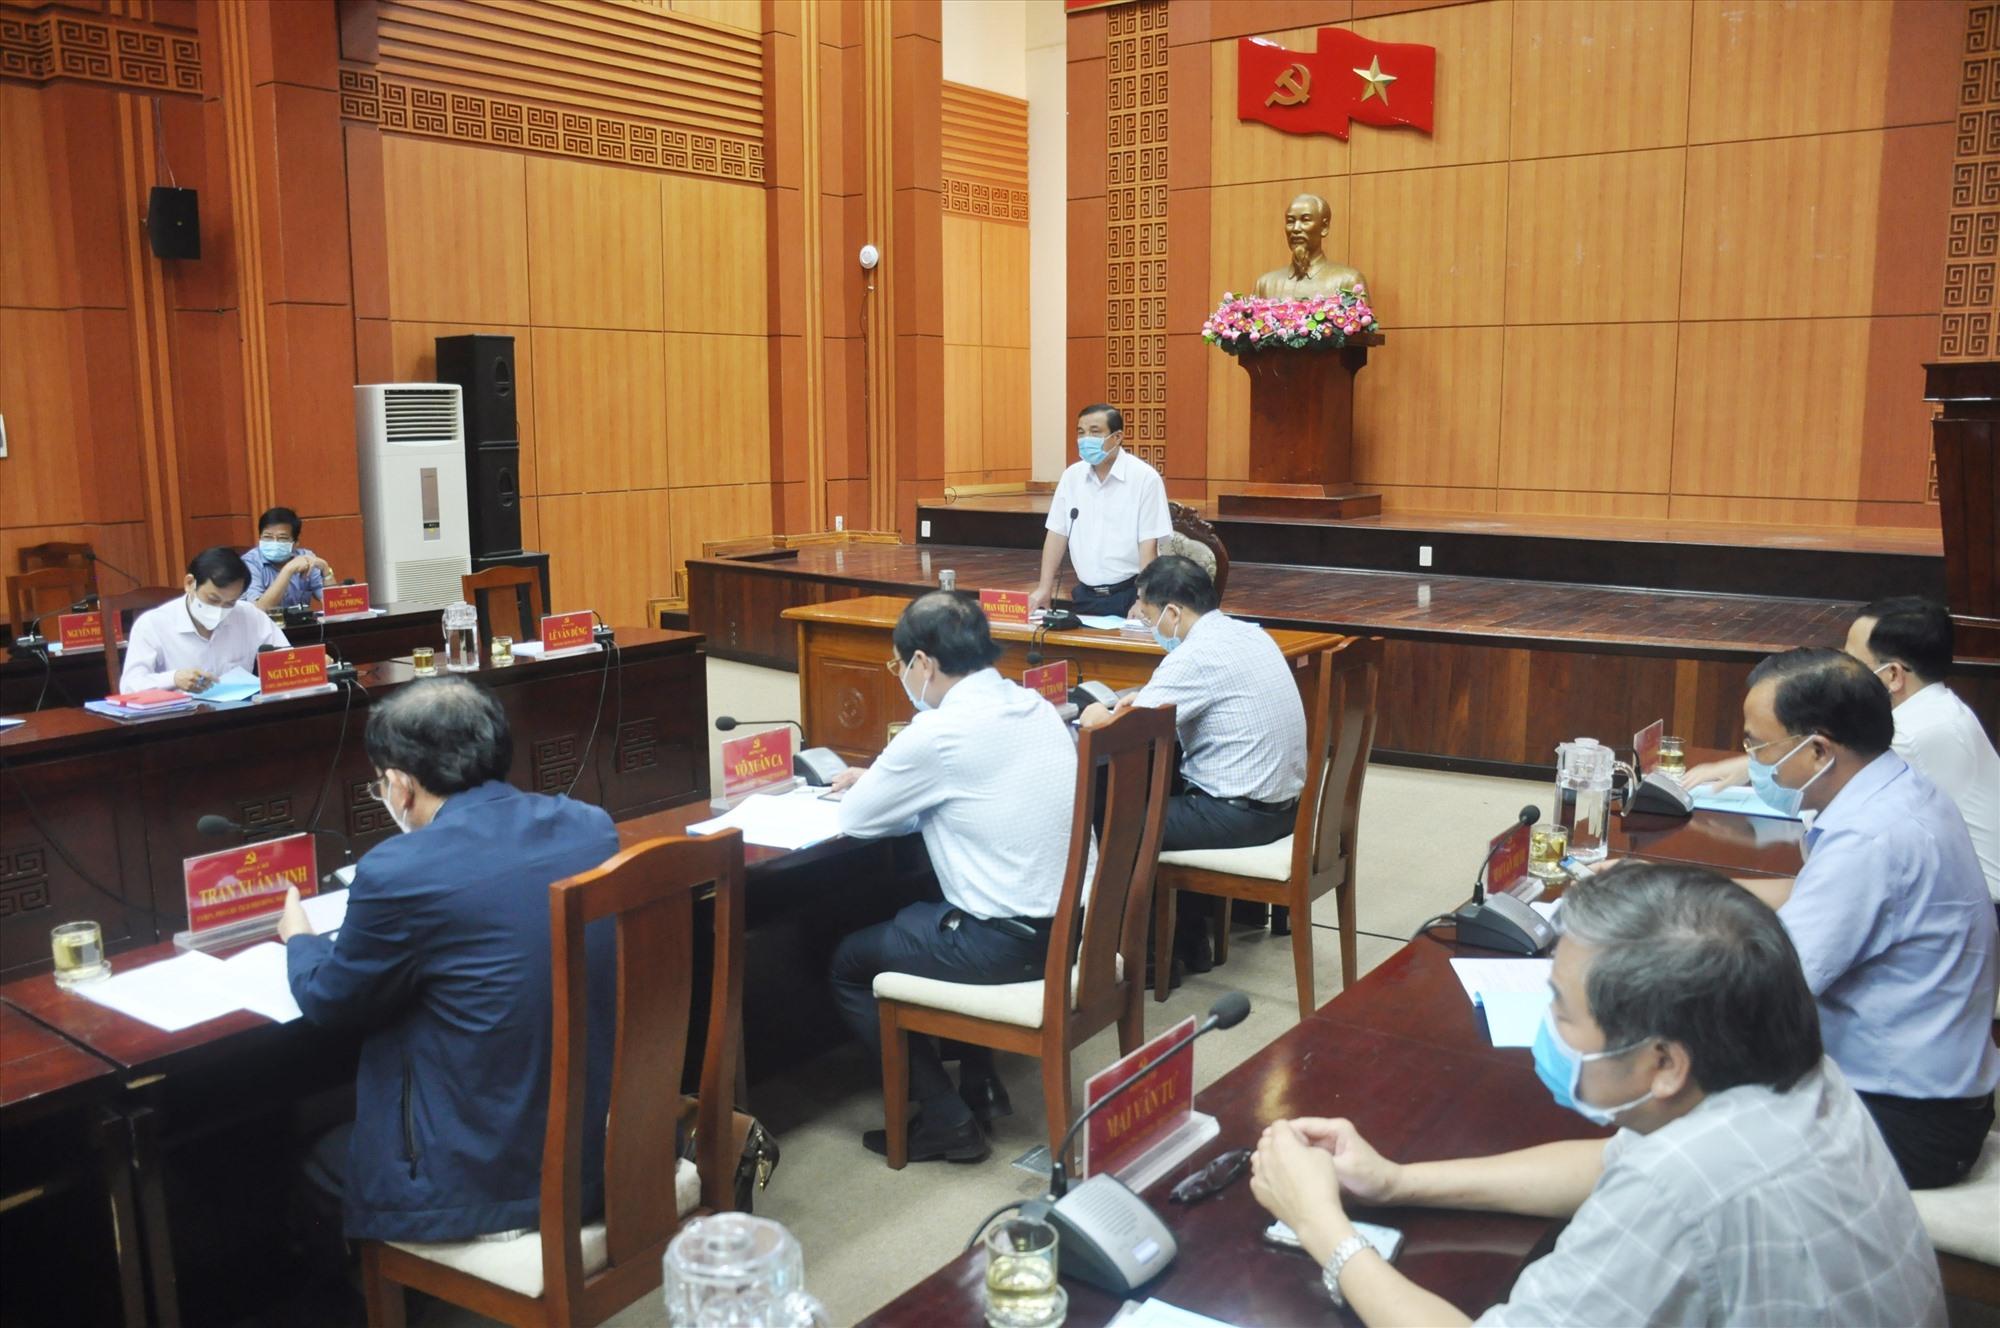 Bí thư Tỉnh ủy, Chủ tịch UBBC tỉnh Phan Việt Cường chủ trì phiên họp thứ 5 của UBBC tỉnh chiều 17.5. Ảnh: N.Đ